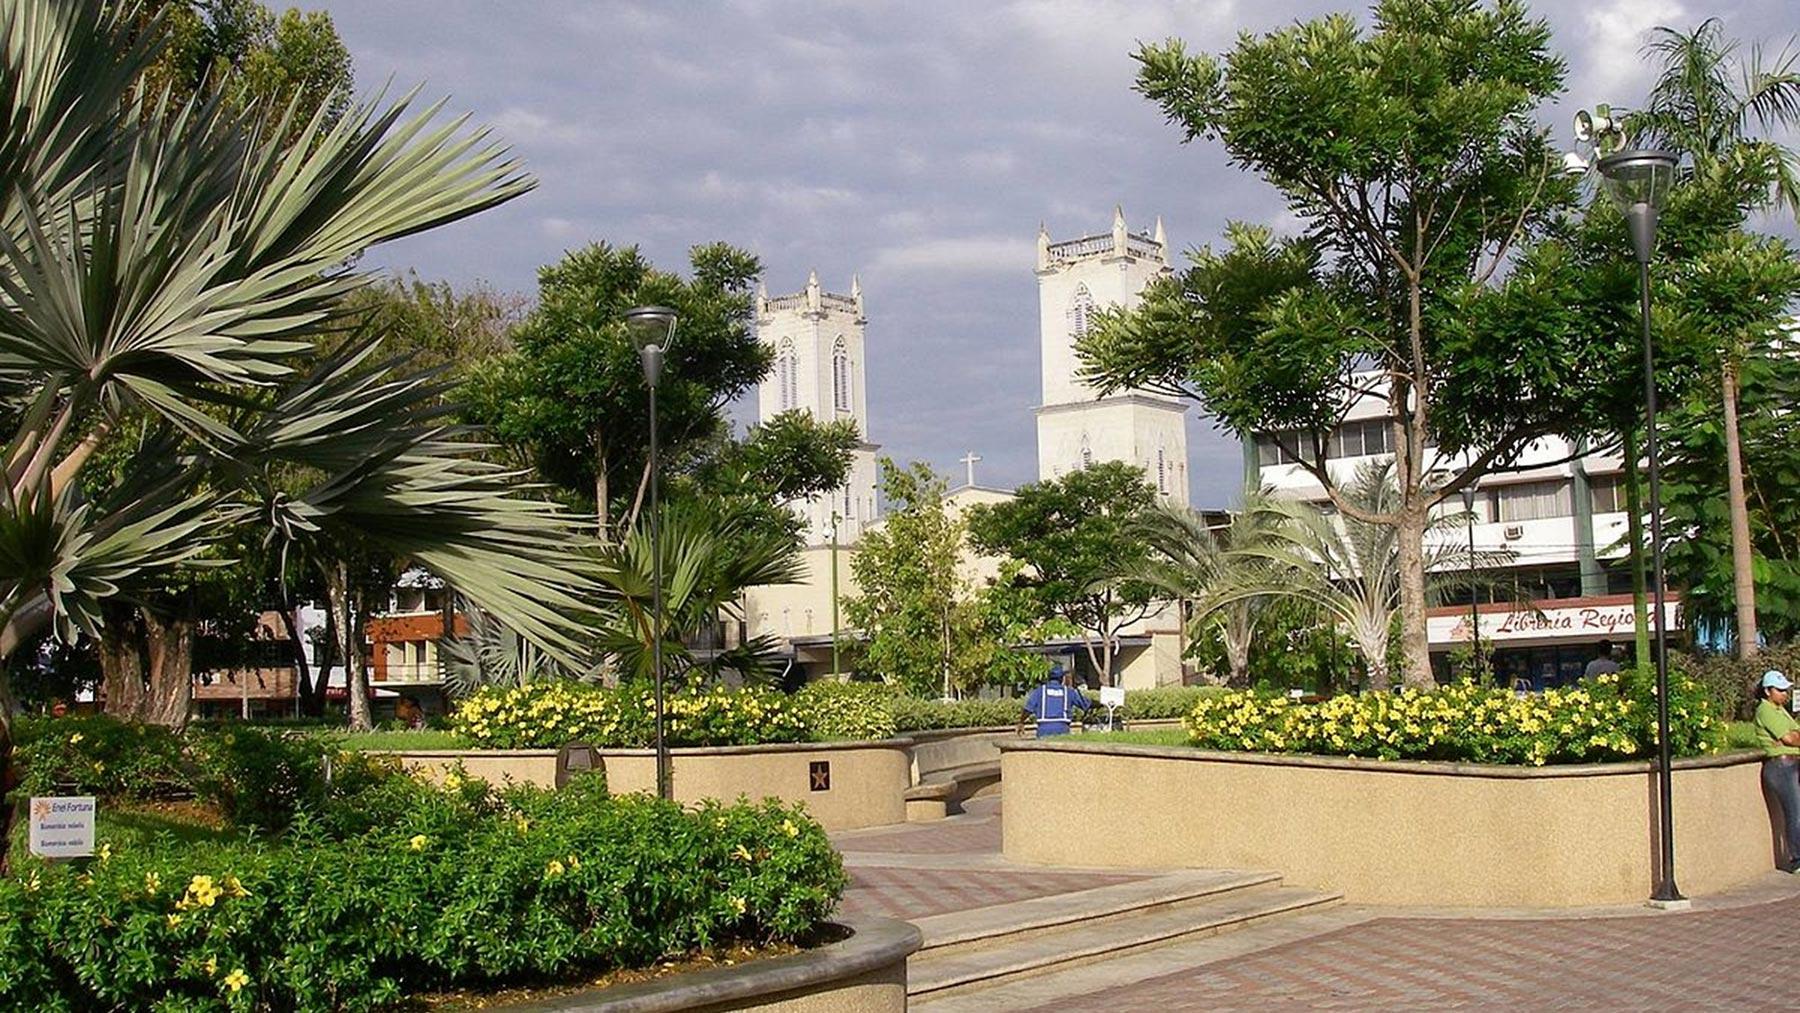 Imagem da Cidade de David, no Panamá